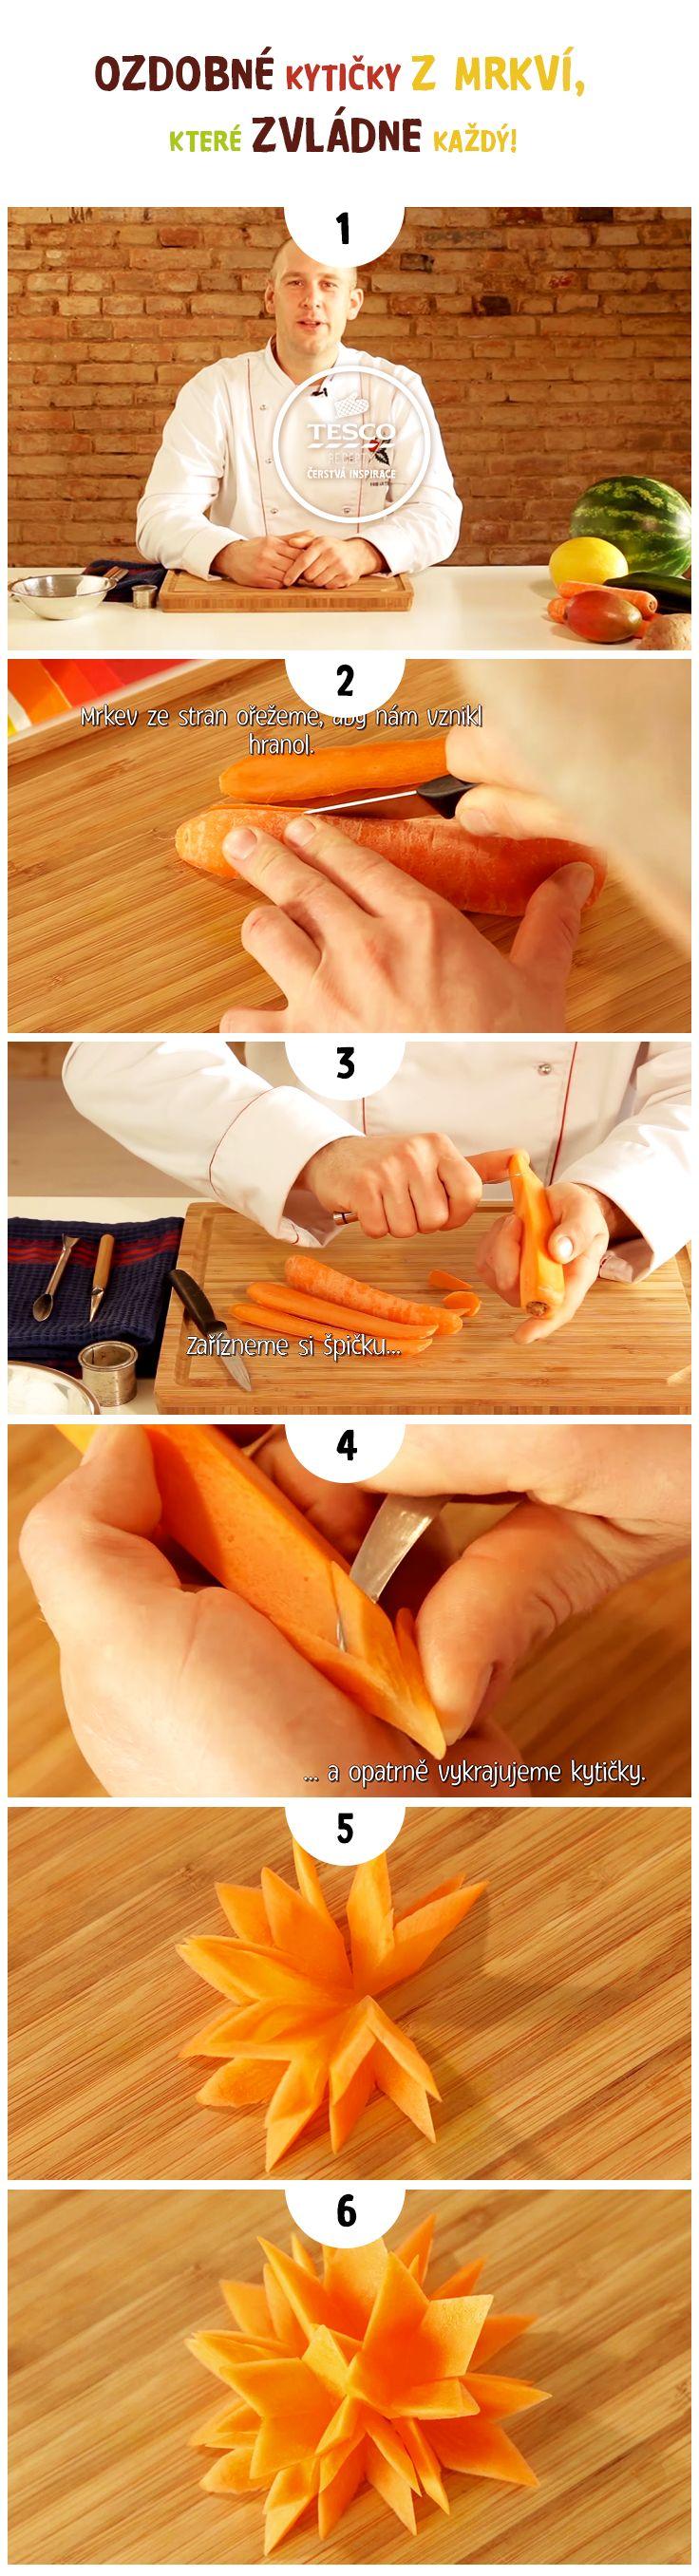 Vytvořte krásné mrkvové kytičky za pomoci našeho videa s Janem Hajným!